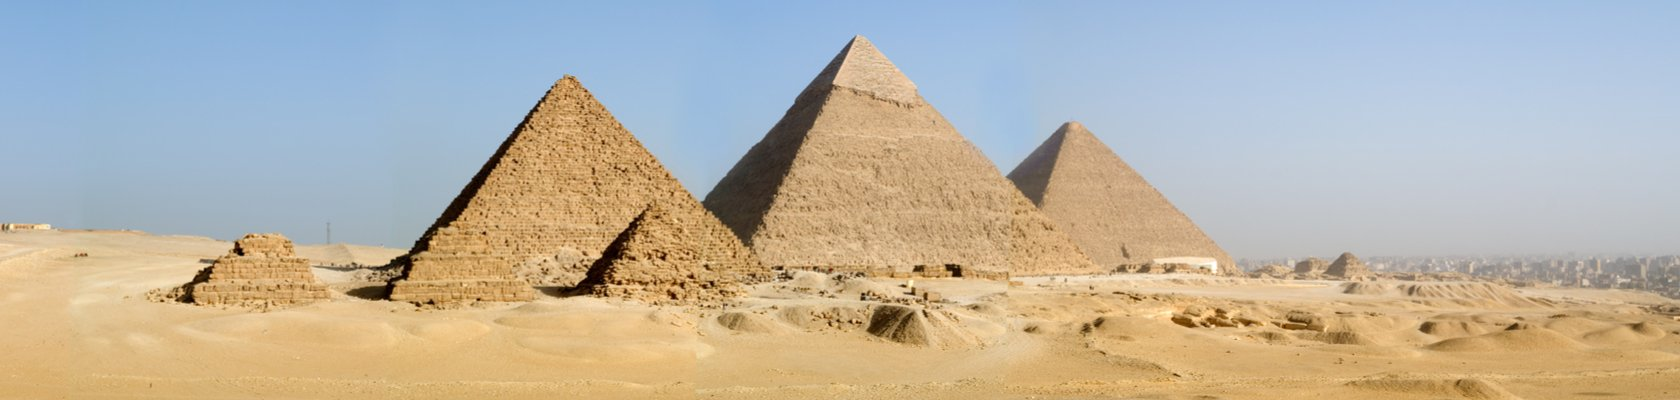 Piramides van Gizeh